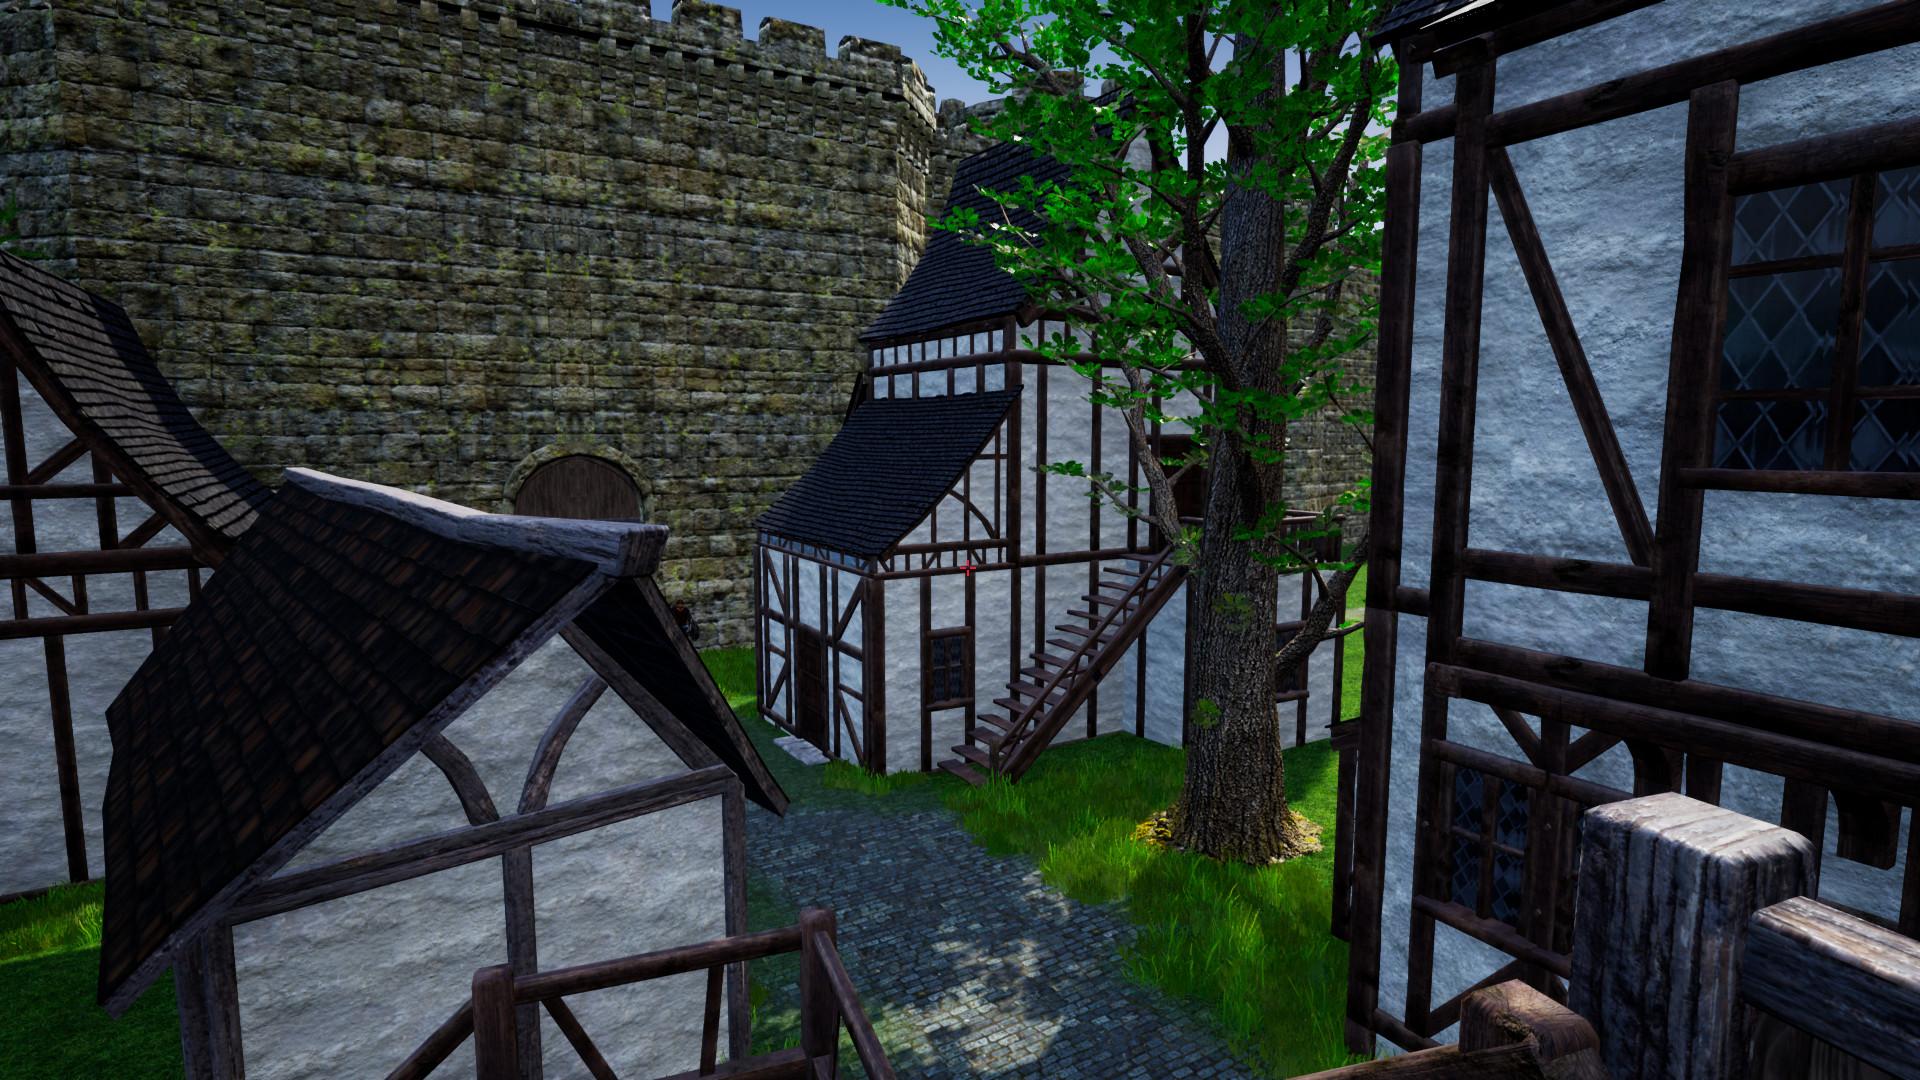 Robert aldridge highresscreenshot00542